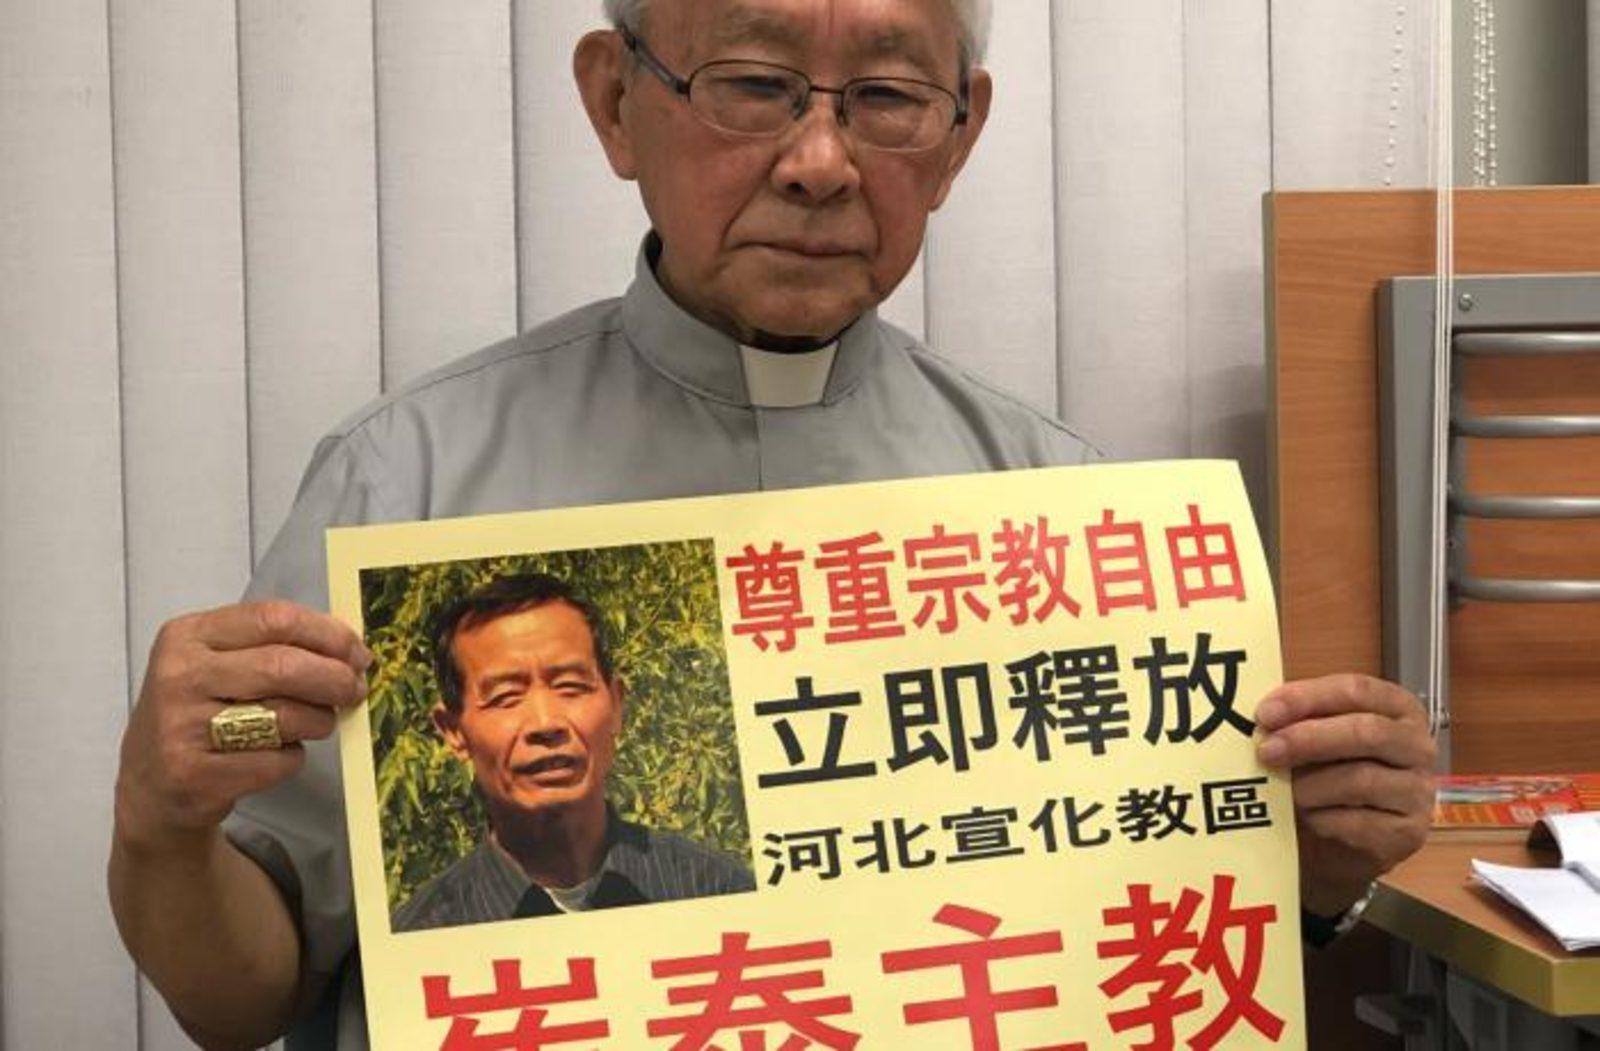 20180531-China-mgr-Zen-pleit-voor-vrijlating-mgr-Cui-Tai